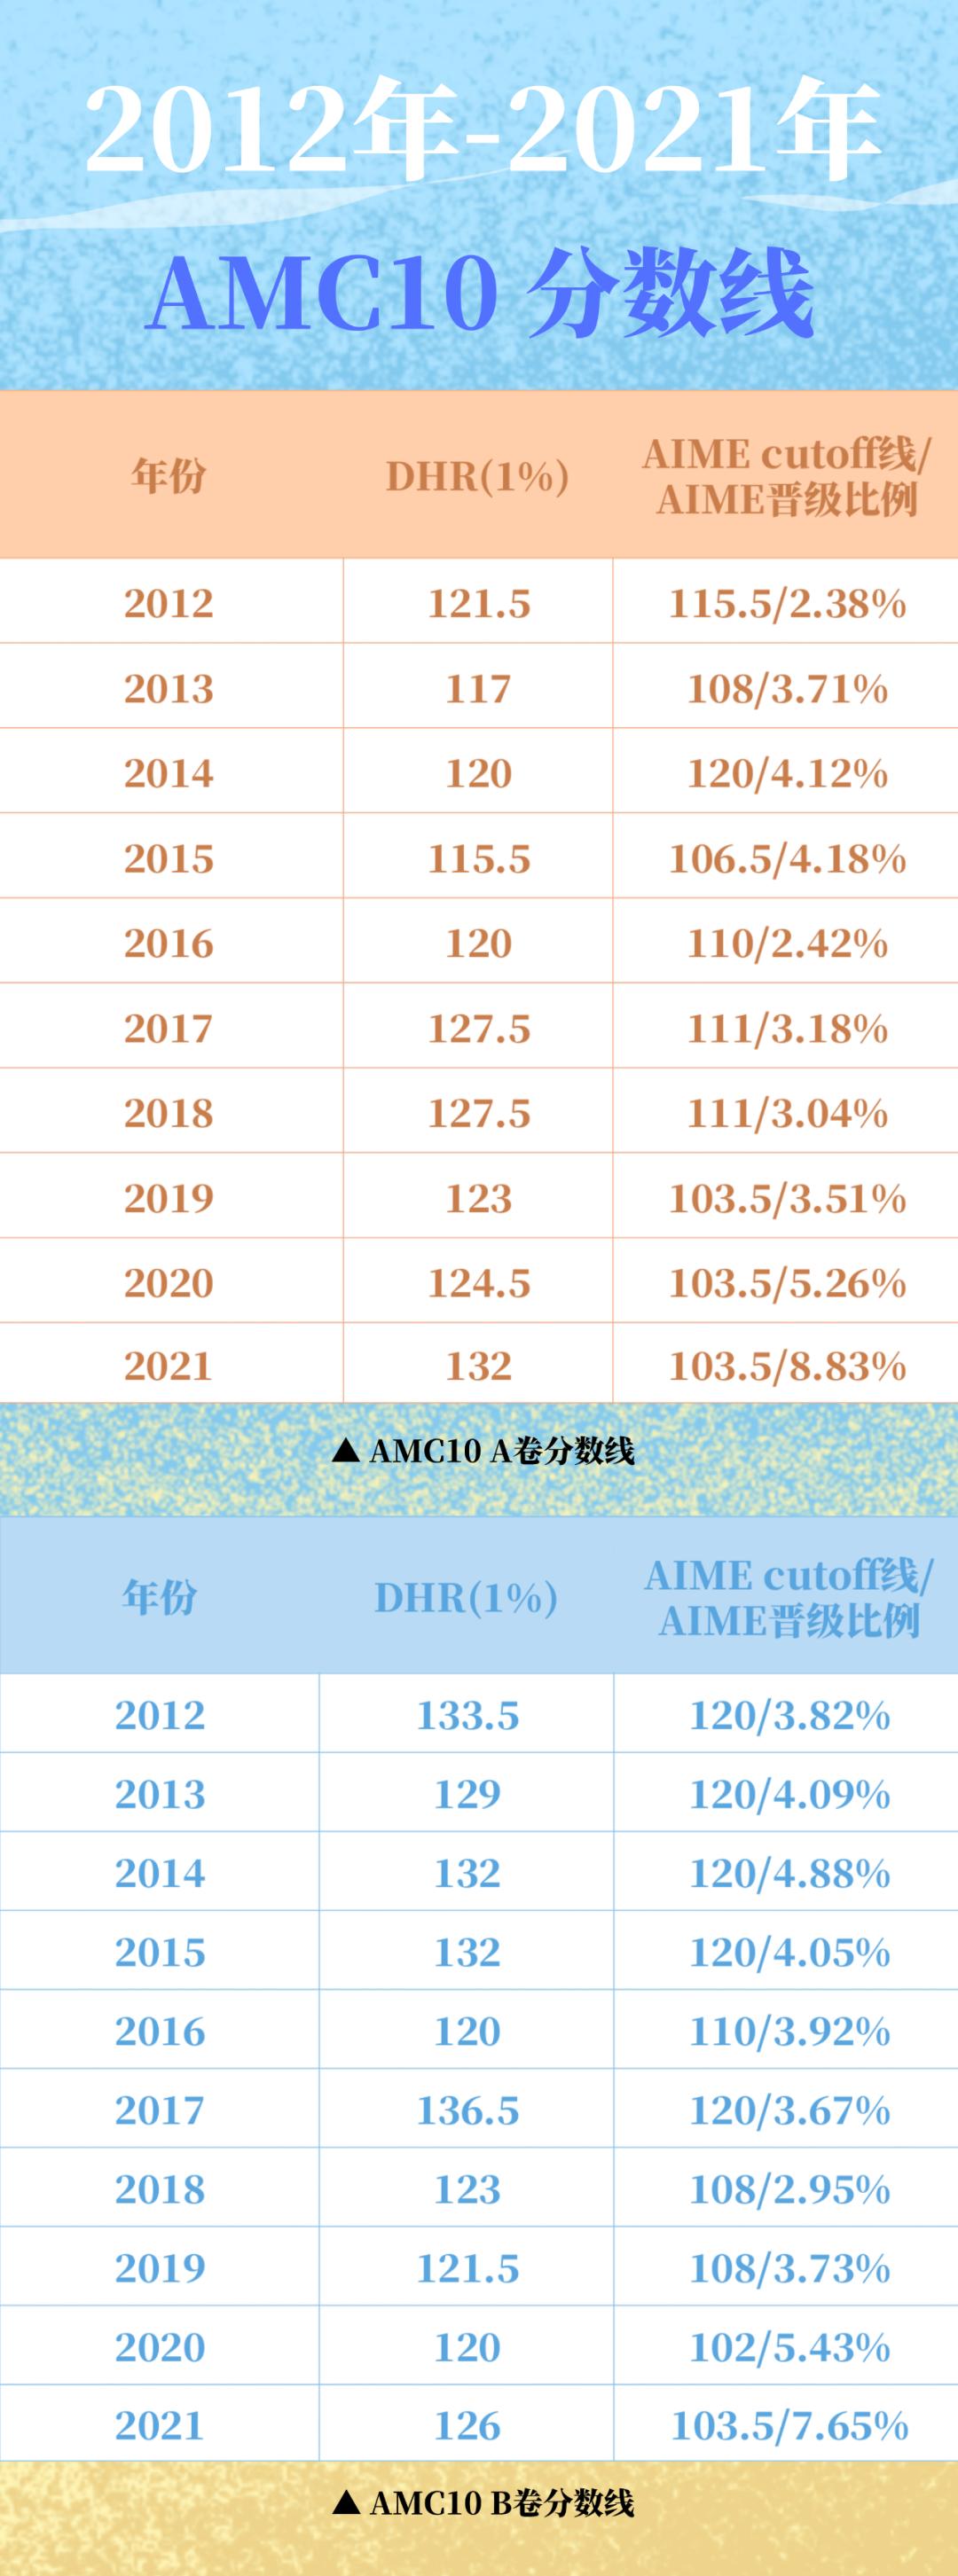 2021年AMC10考前规划 剩下40天,你该做什么?